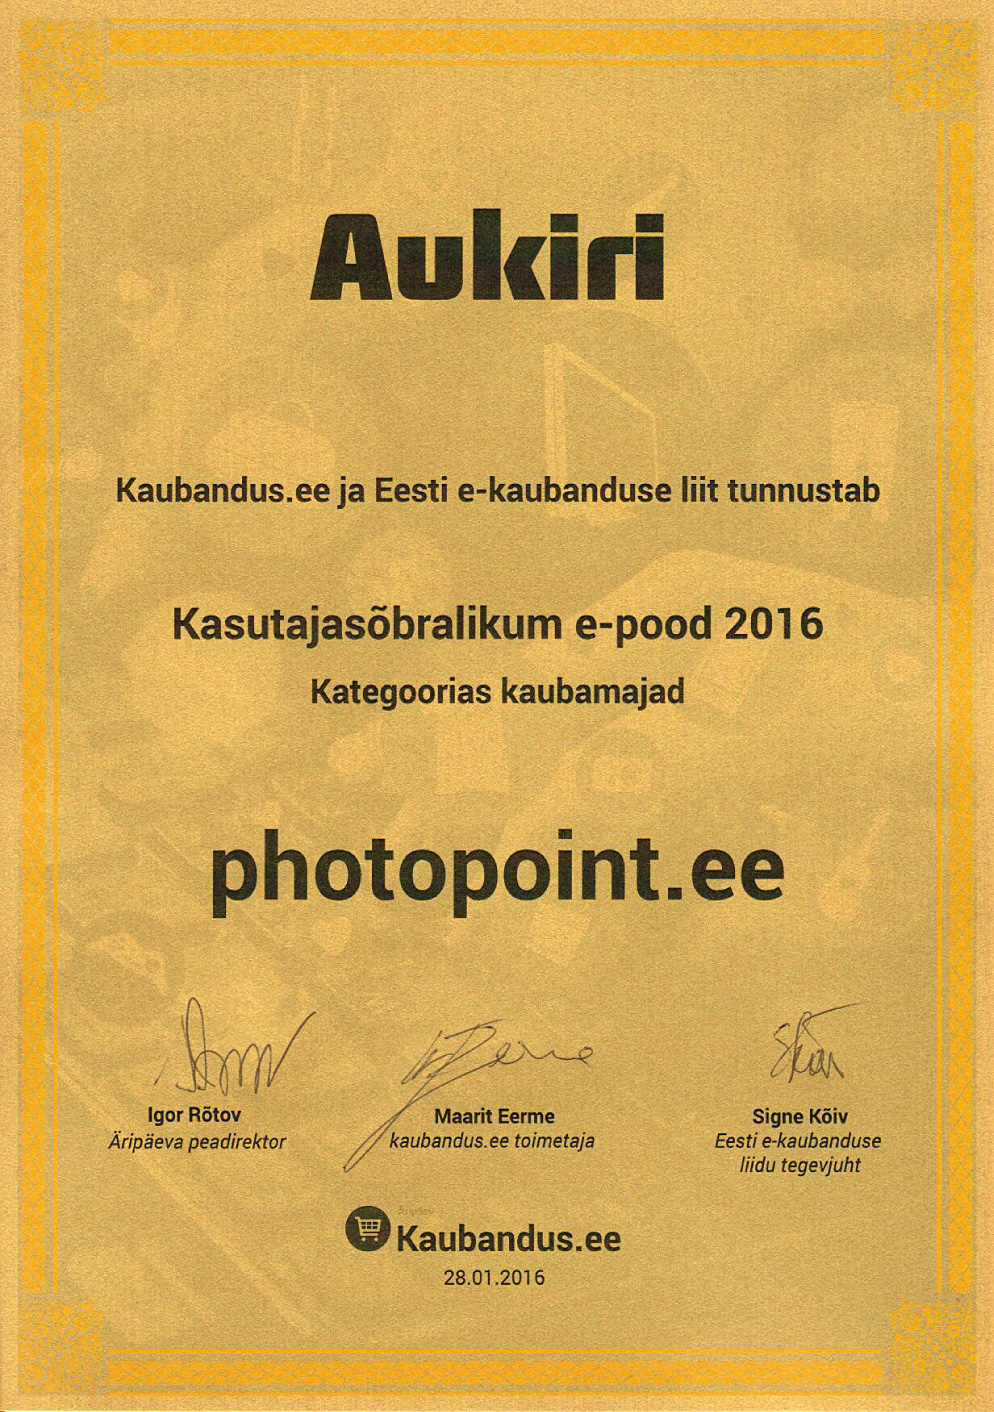 aukiri-photopoint